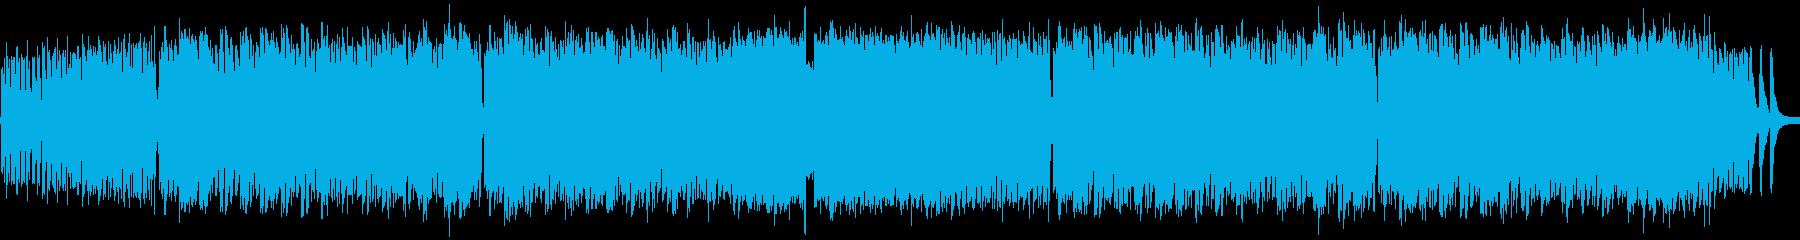 タンゴ サンバ 移動 リラックス ...の再生済みの波形